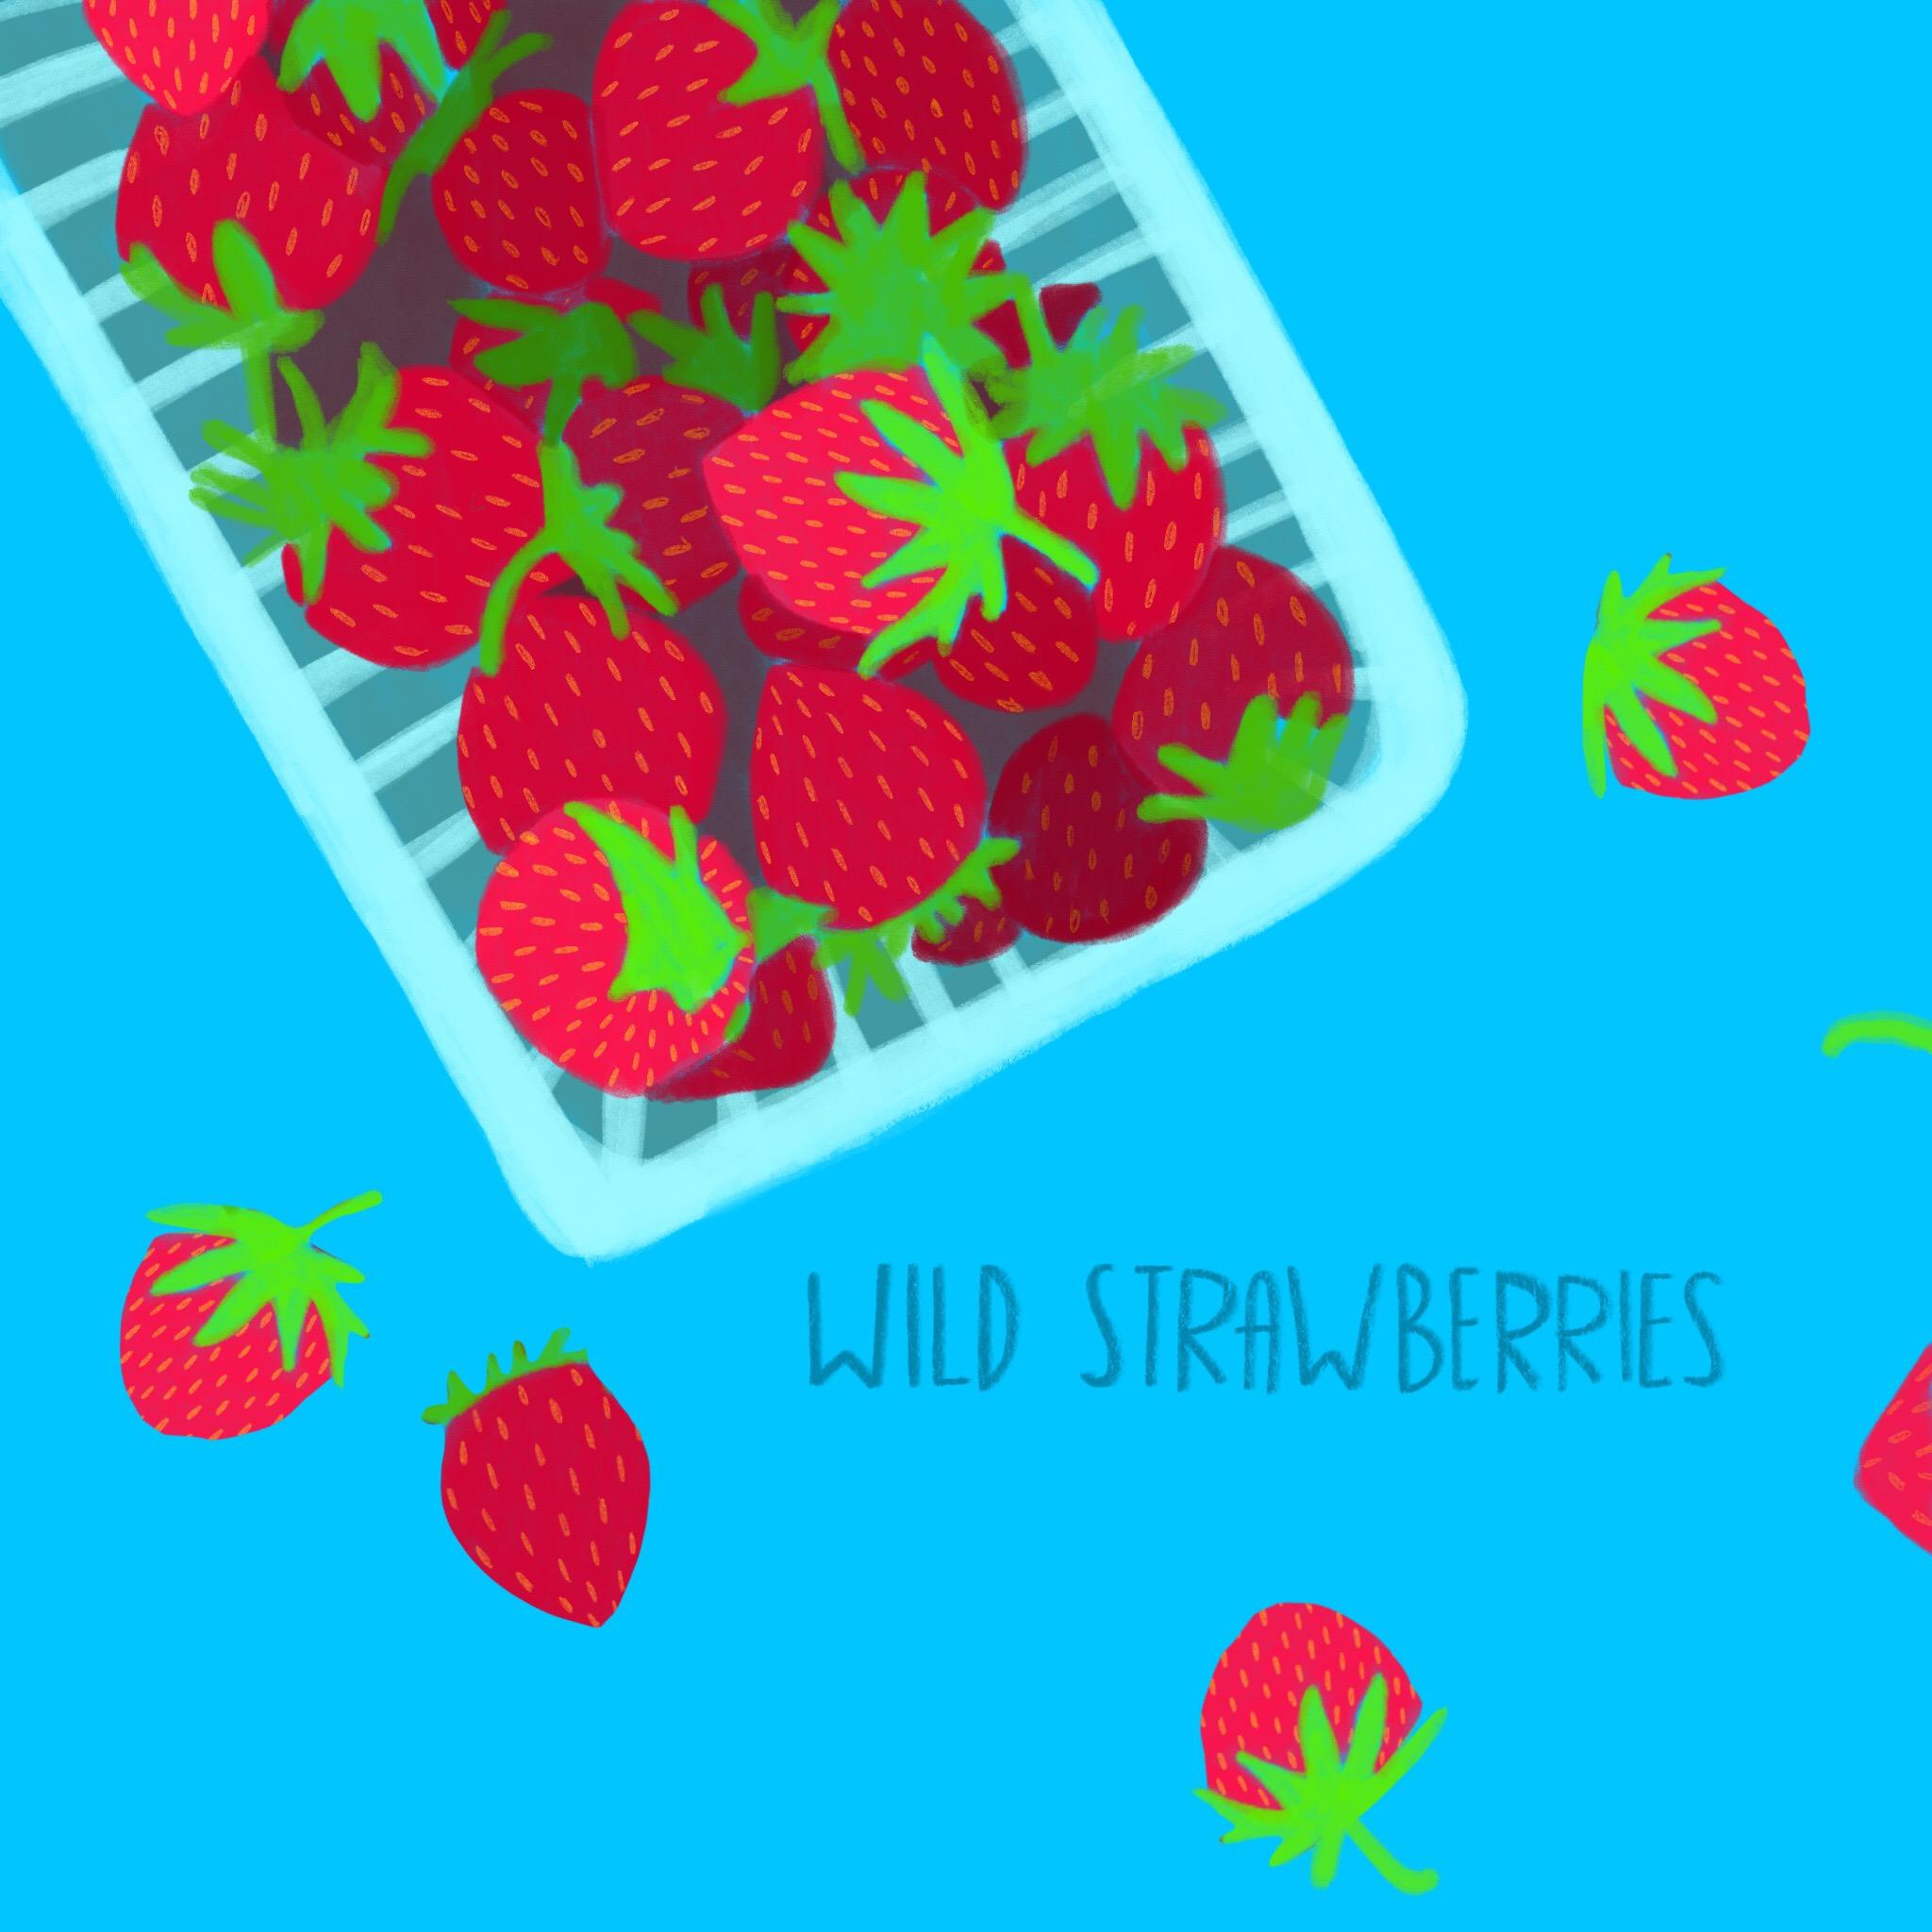 1_-_Wild_Strawberries.jpg